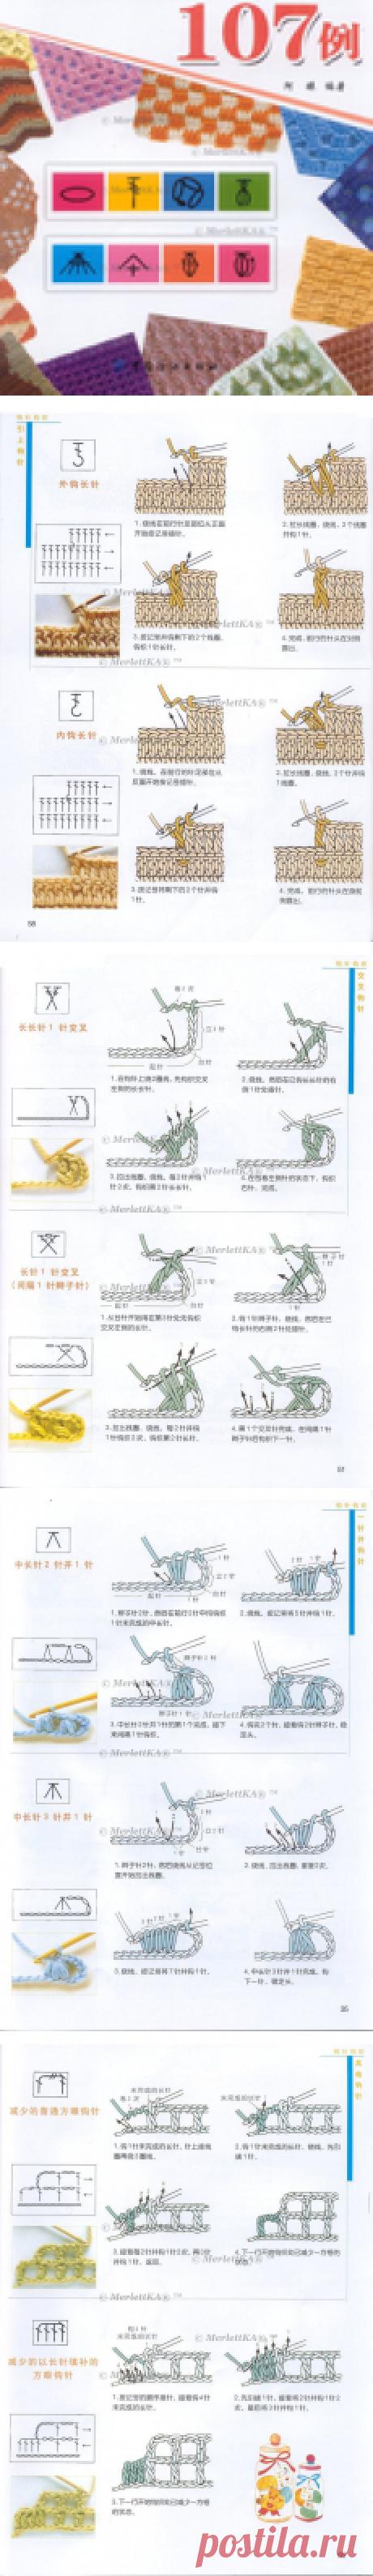 Основы вязания крючком - 107 расшифровок графических схем